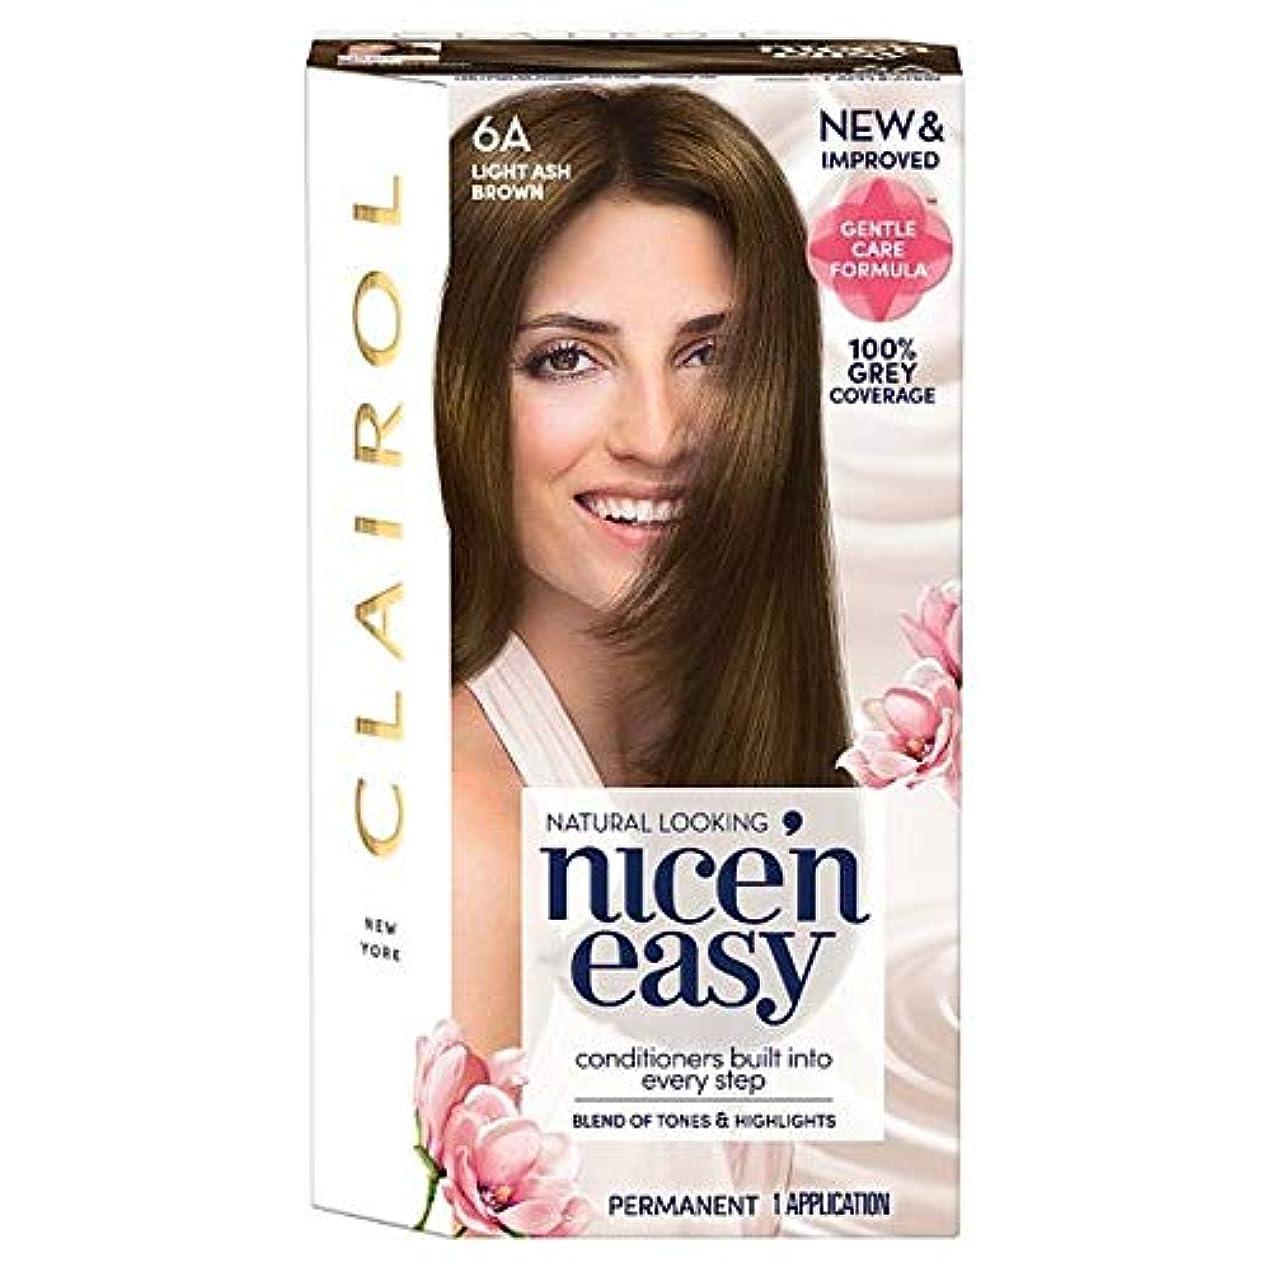 大事にするサドル息苦しい[Nice'n Easy] クレイロール素敵な「N簡単軽灰褐色6Aの染毛剤 - Clairol Nice 'N Easy Light Ash Brown 6A Hair Dye [並行輸入品]